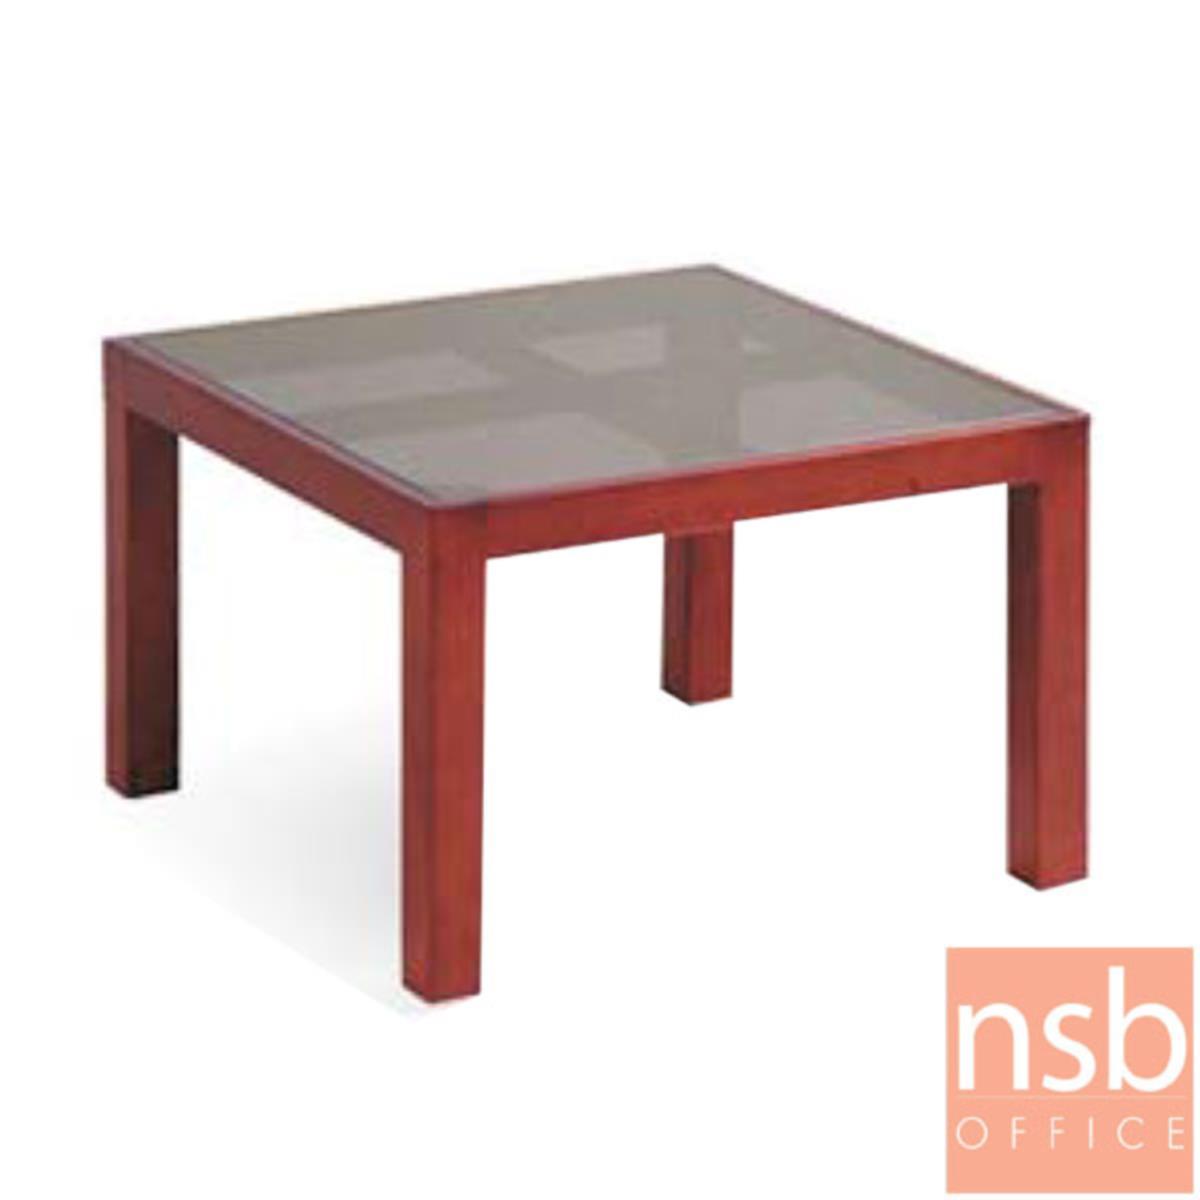 B13A254:โต๊ะกลางกระจกสีชา รุ่น TB-4 ขนาด 60W cm. โครงไม้ยางพารา